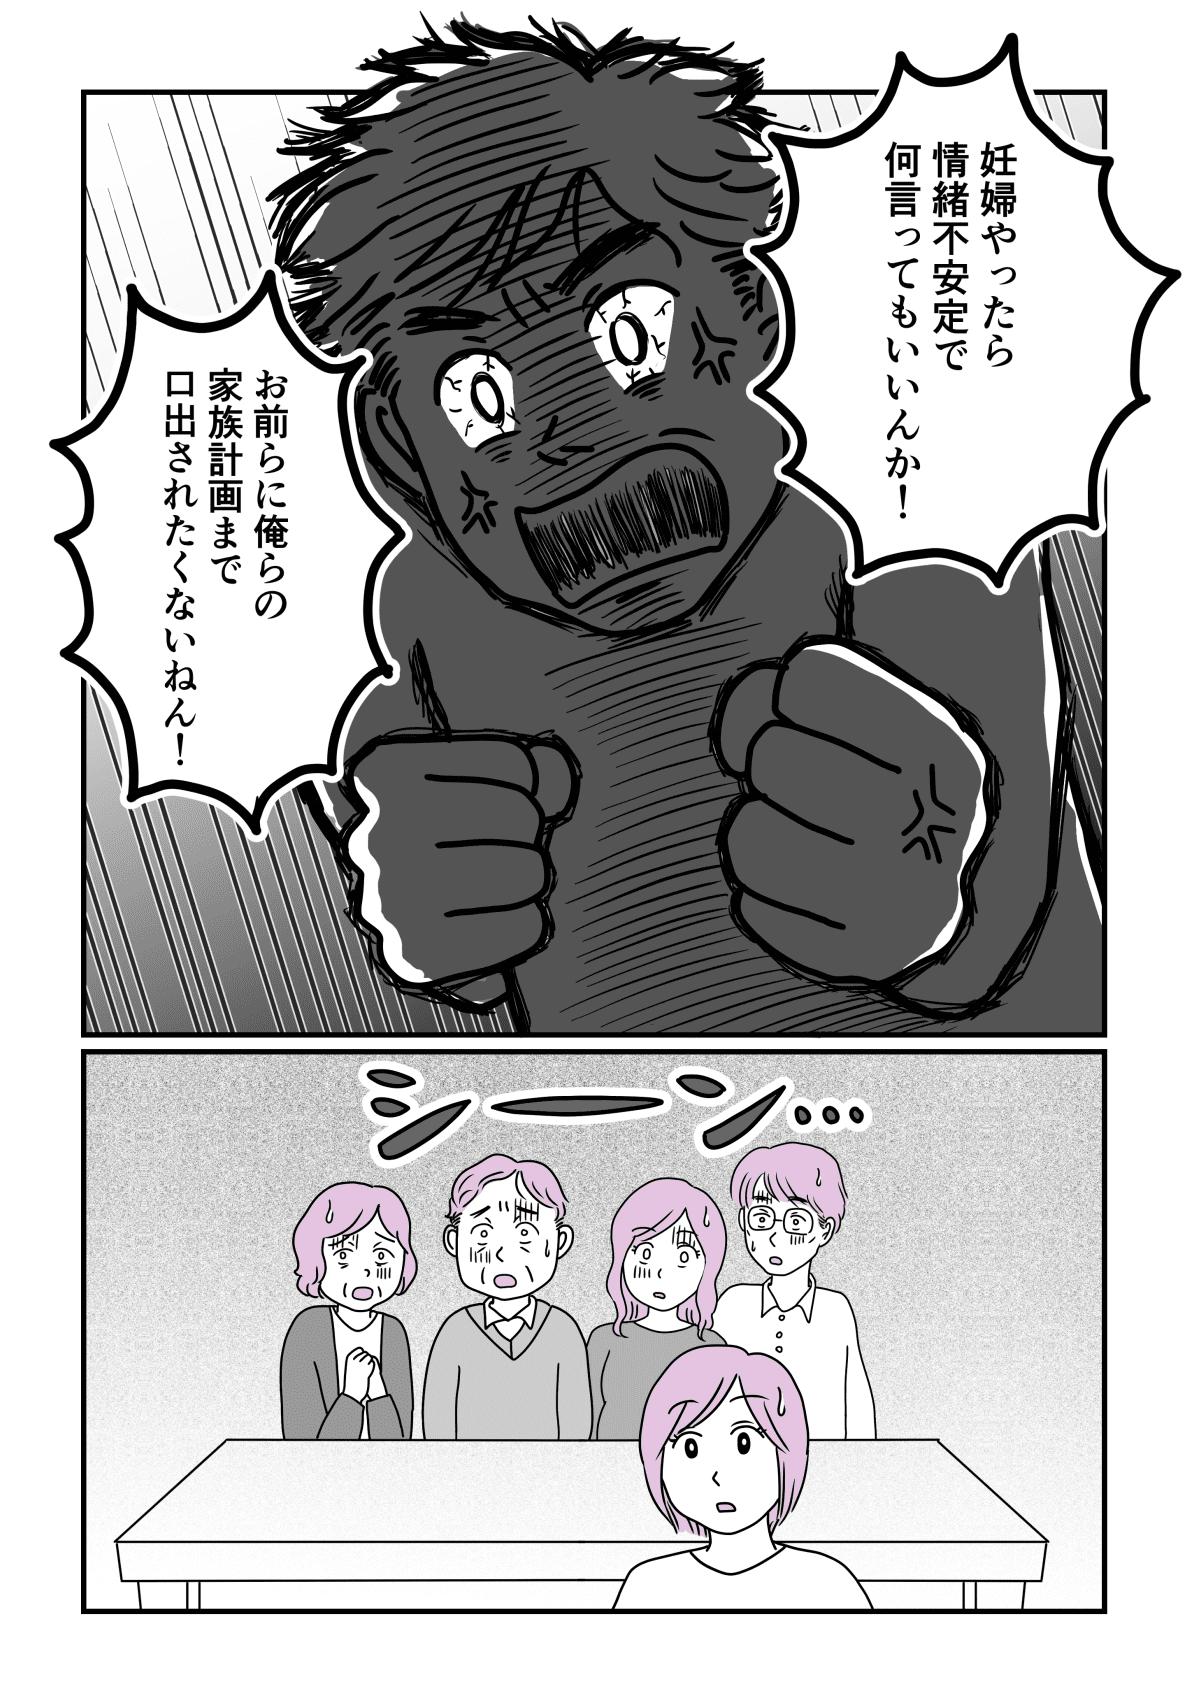 【後編】ワガママな妹が妊娠!